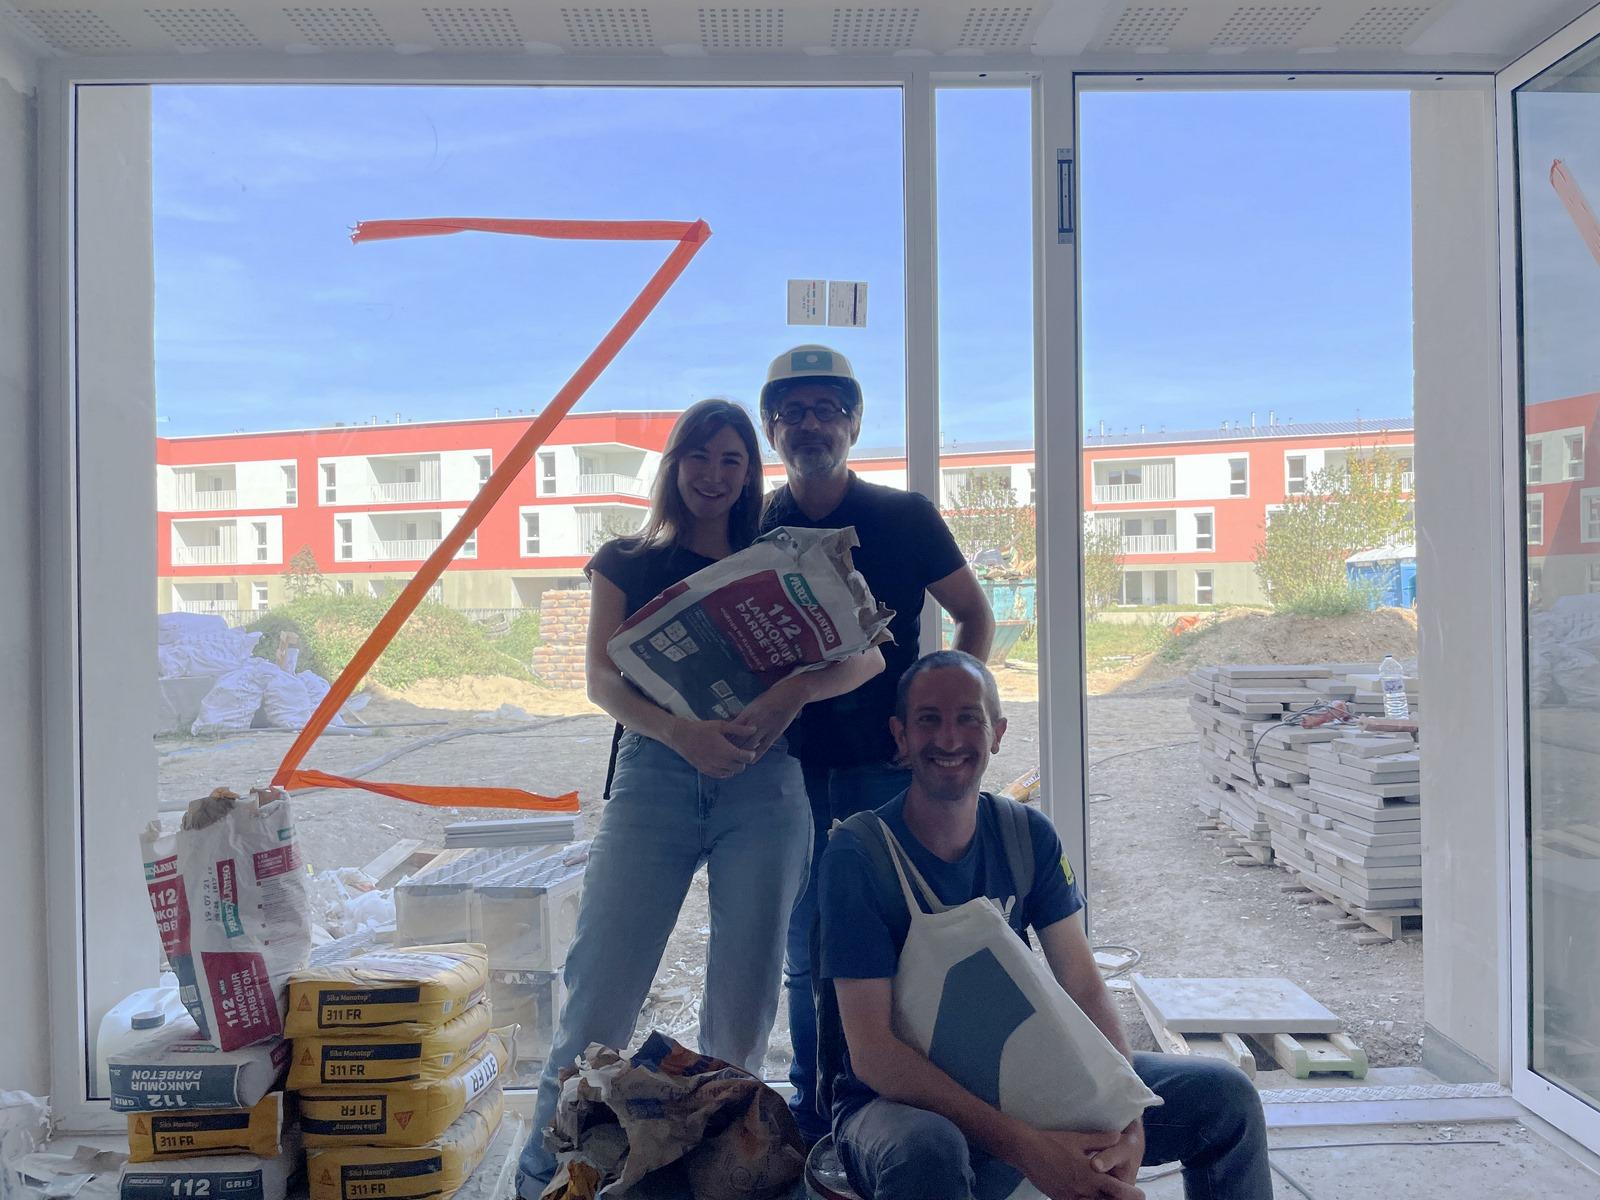 Les Marronniers - logements - La Verpillière - Z Architecture - chantier - équipe